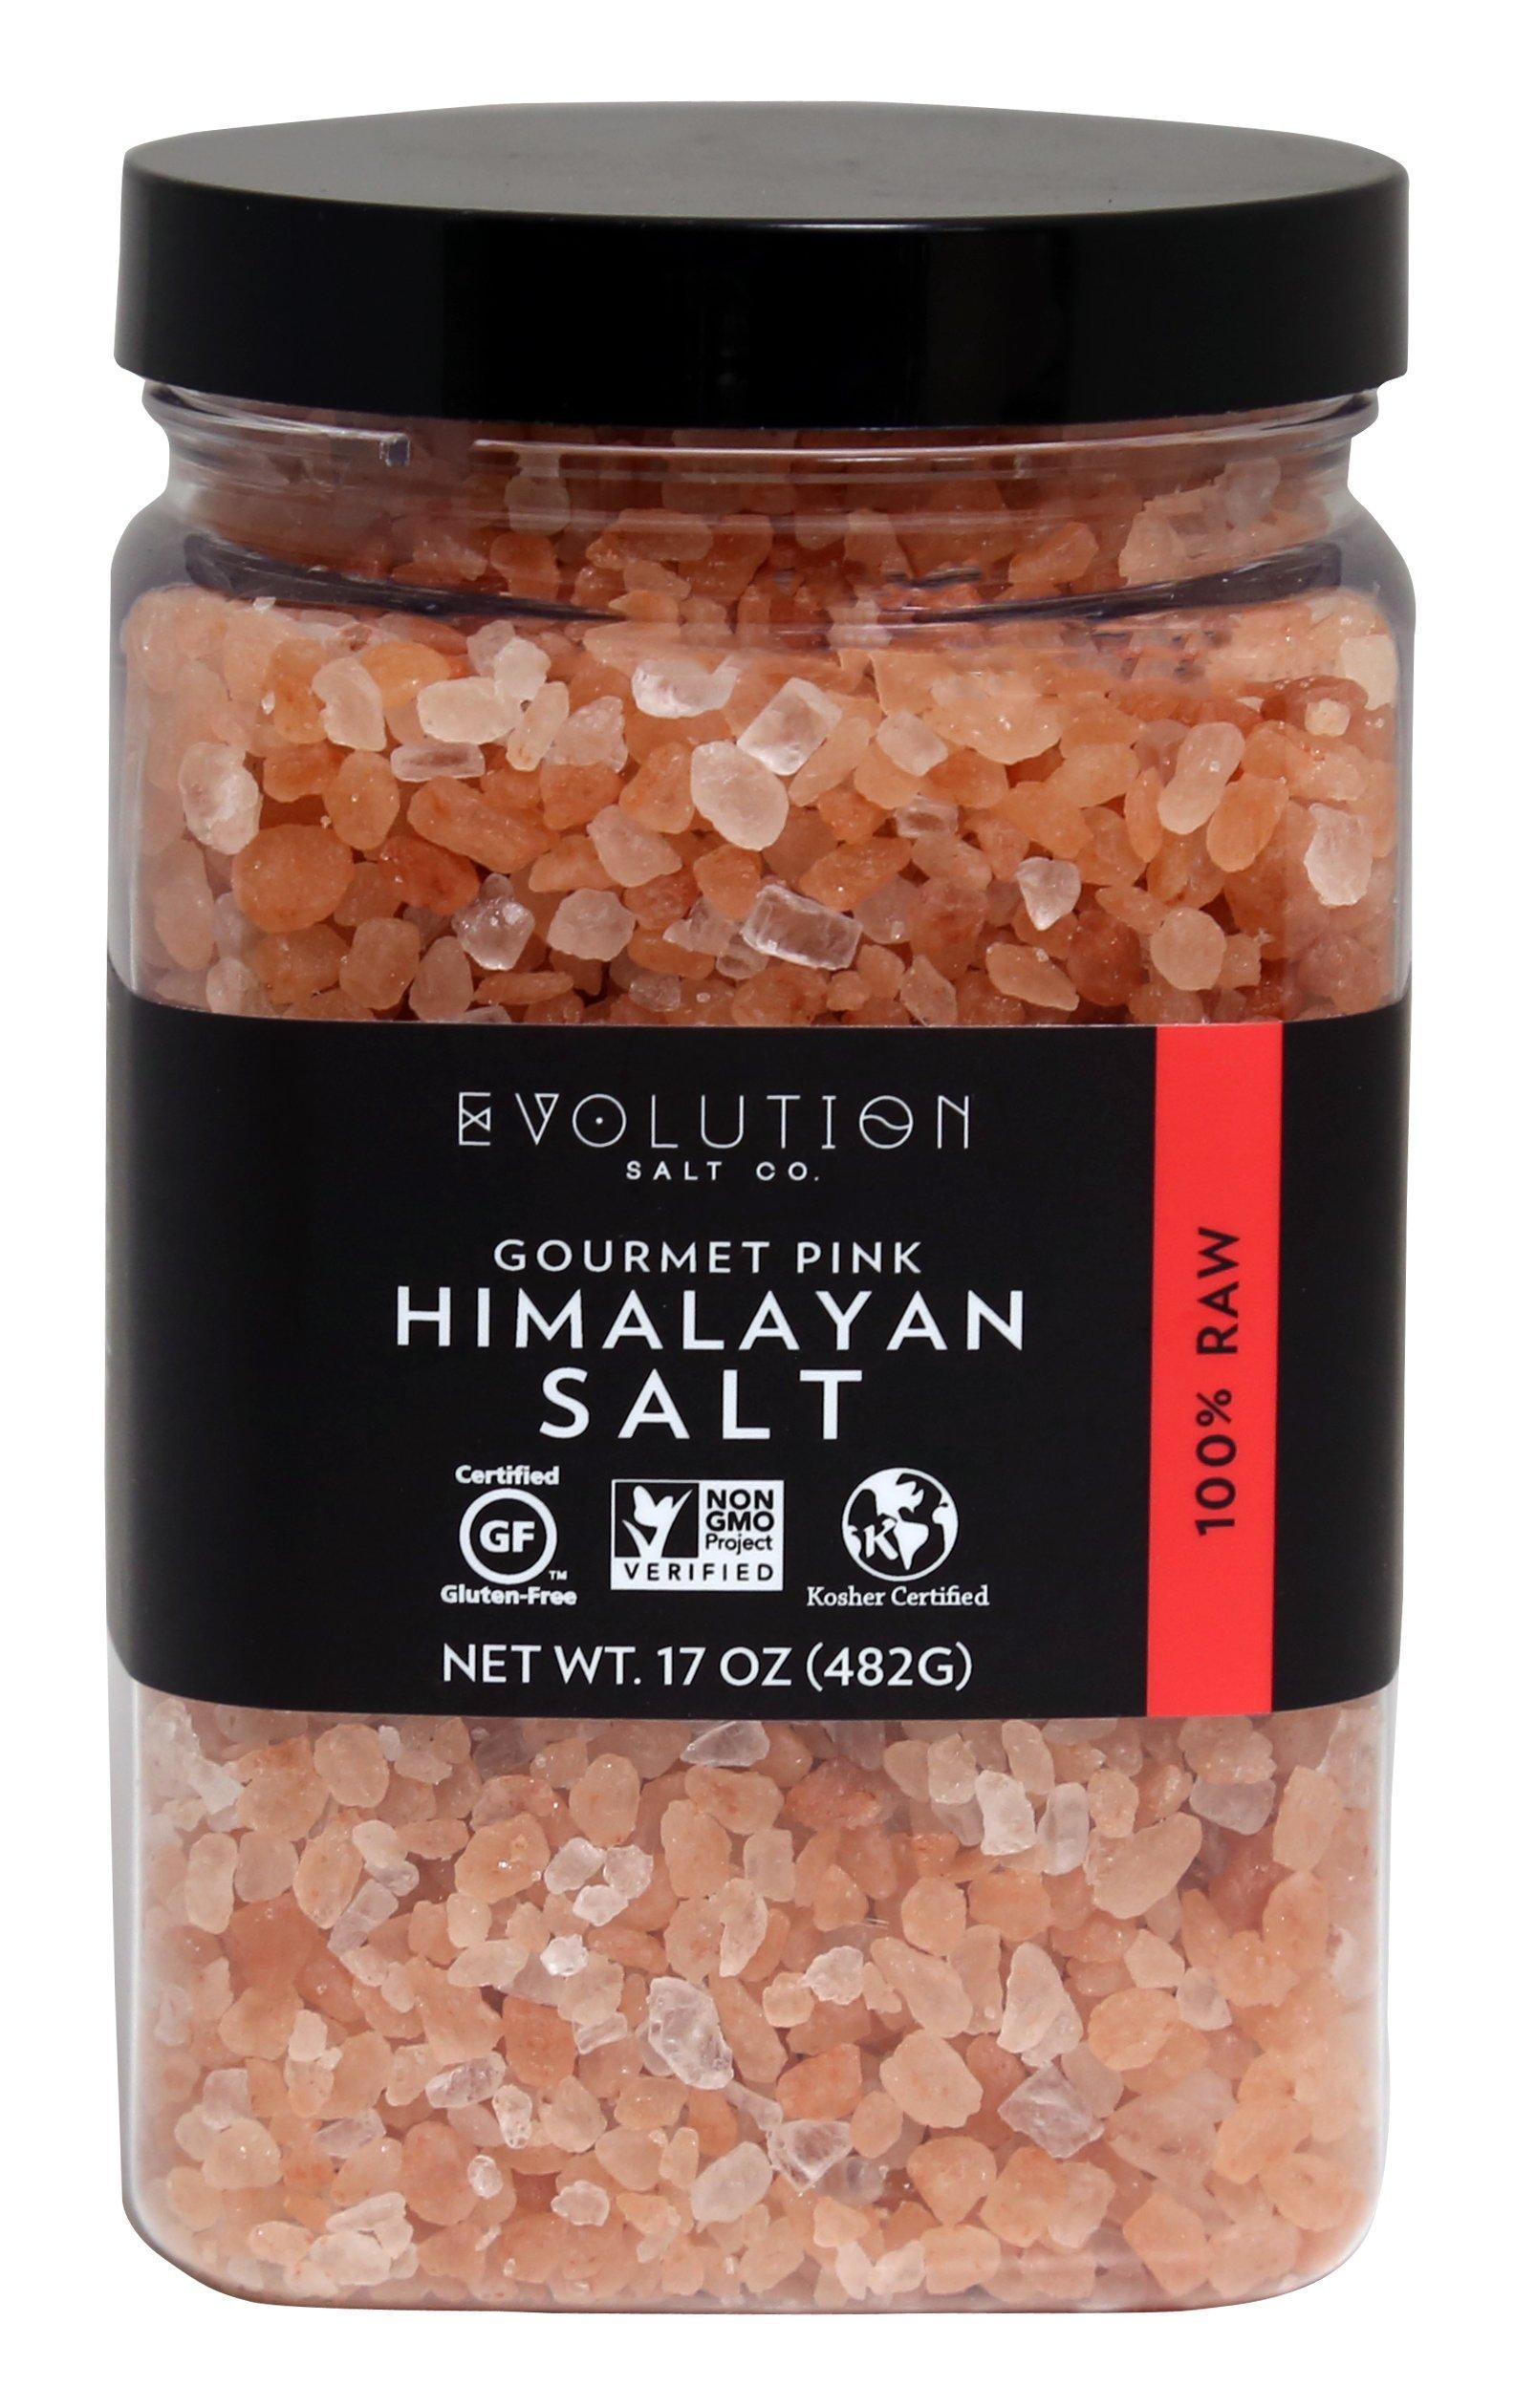 Evoltion Salt Co Gourmet Pink Himalayan Salt, Coarse Grind, 17 Ounce (Pack of 6)